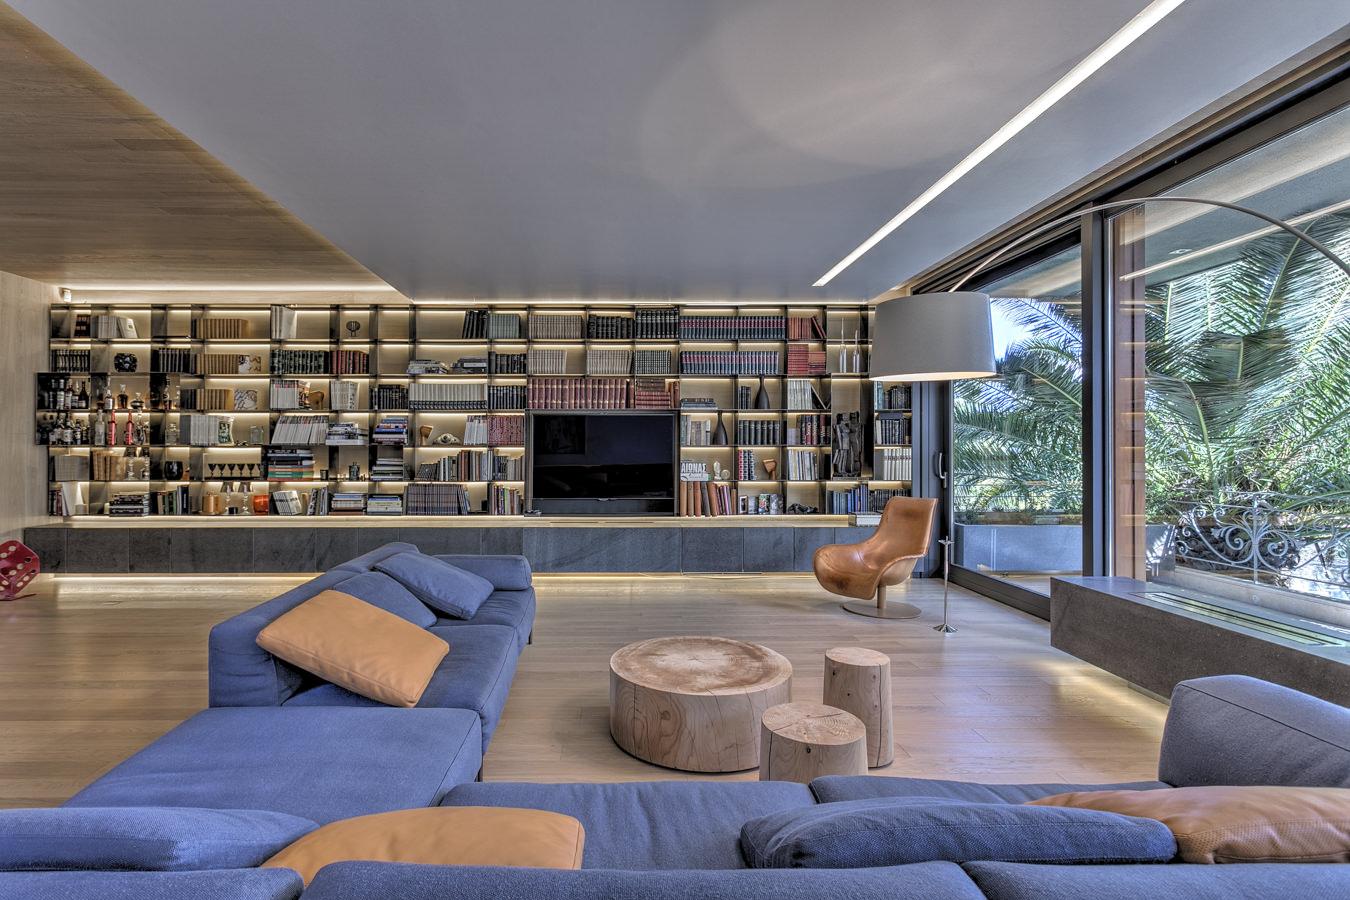 Family Residence, Filothei, Γιώργος Φάκαρος - Αρχιτεκτονική Φωτογραφία | Εσωτερικοί Χώροι | Φωτογραφία Ξενοδοχειών - Photography / Φωτογραφία